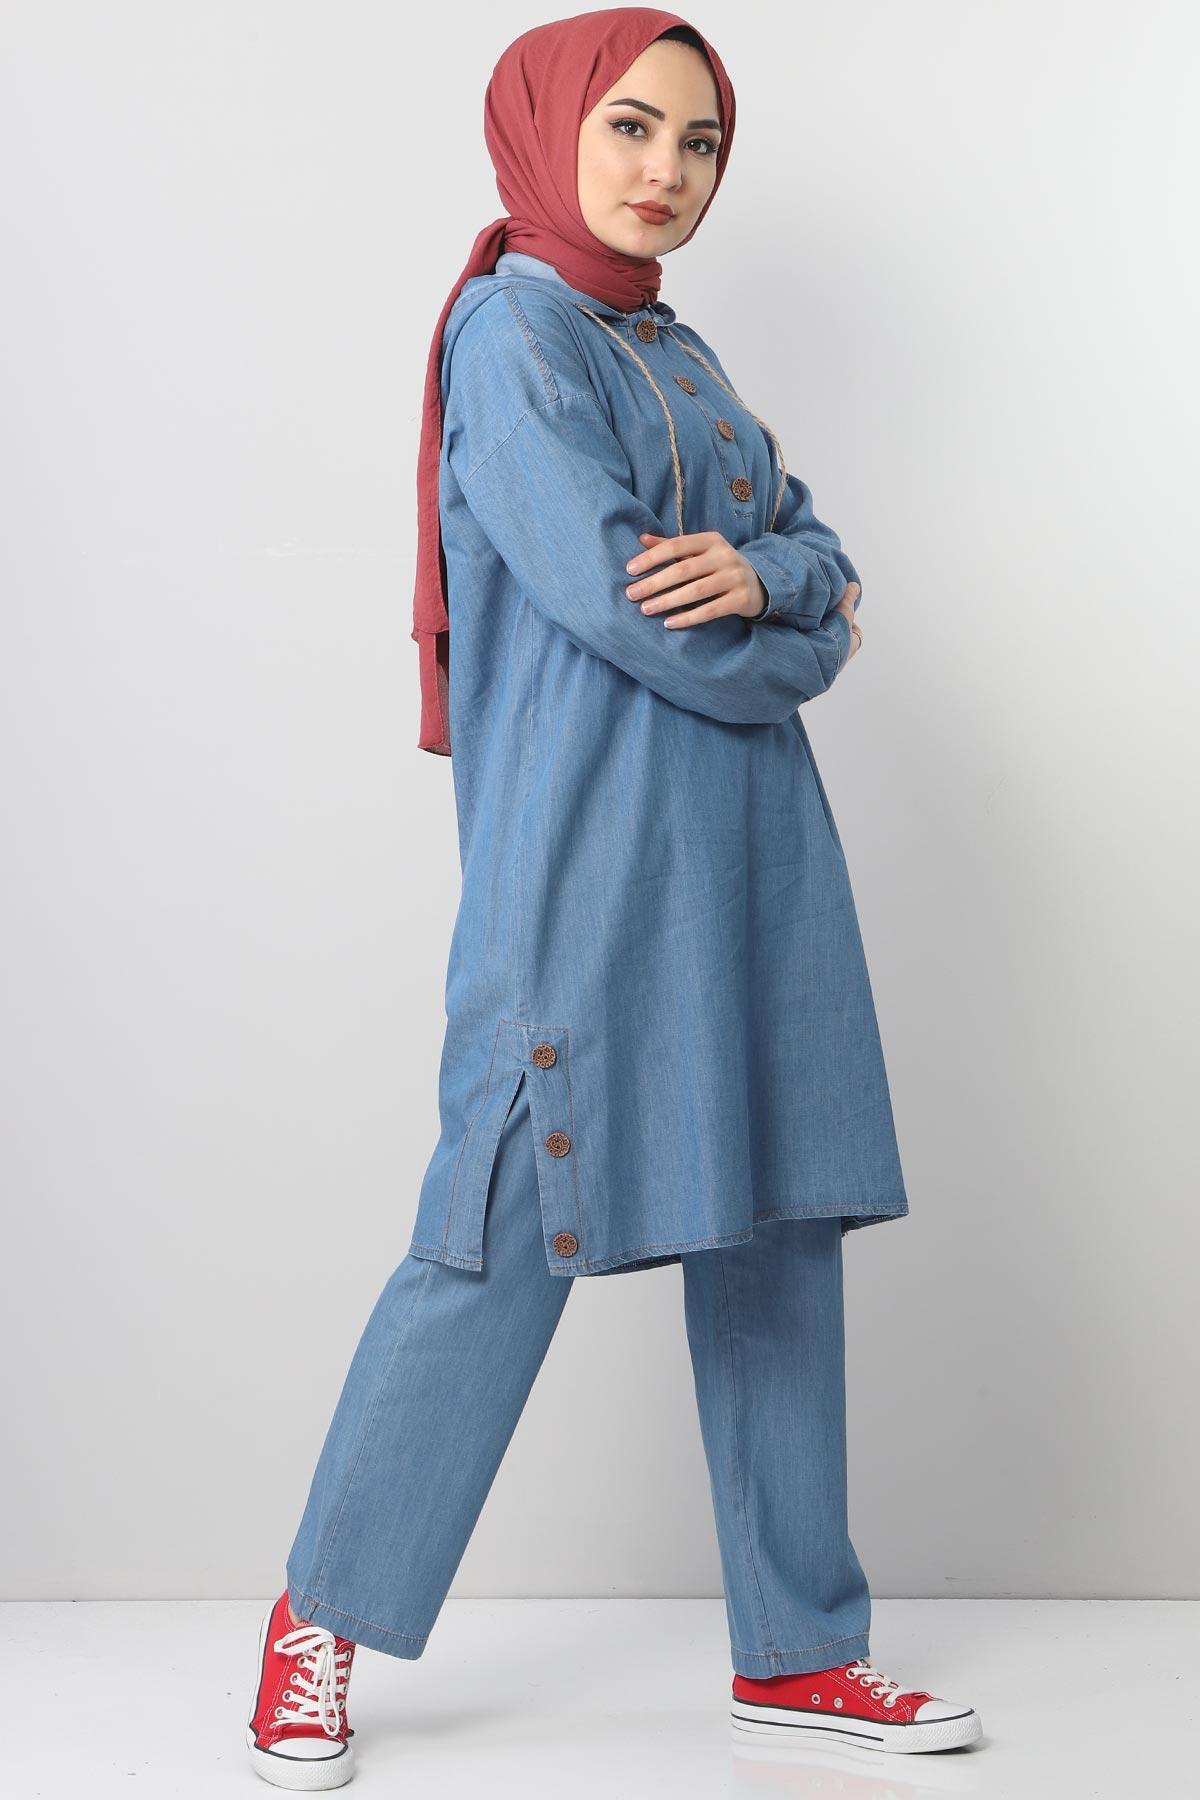 Yandan Yırtmaçlı Kot İkili Takım TSD0454 Açık Mavi